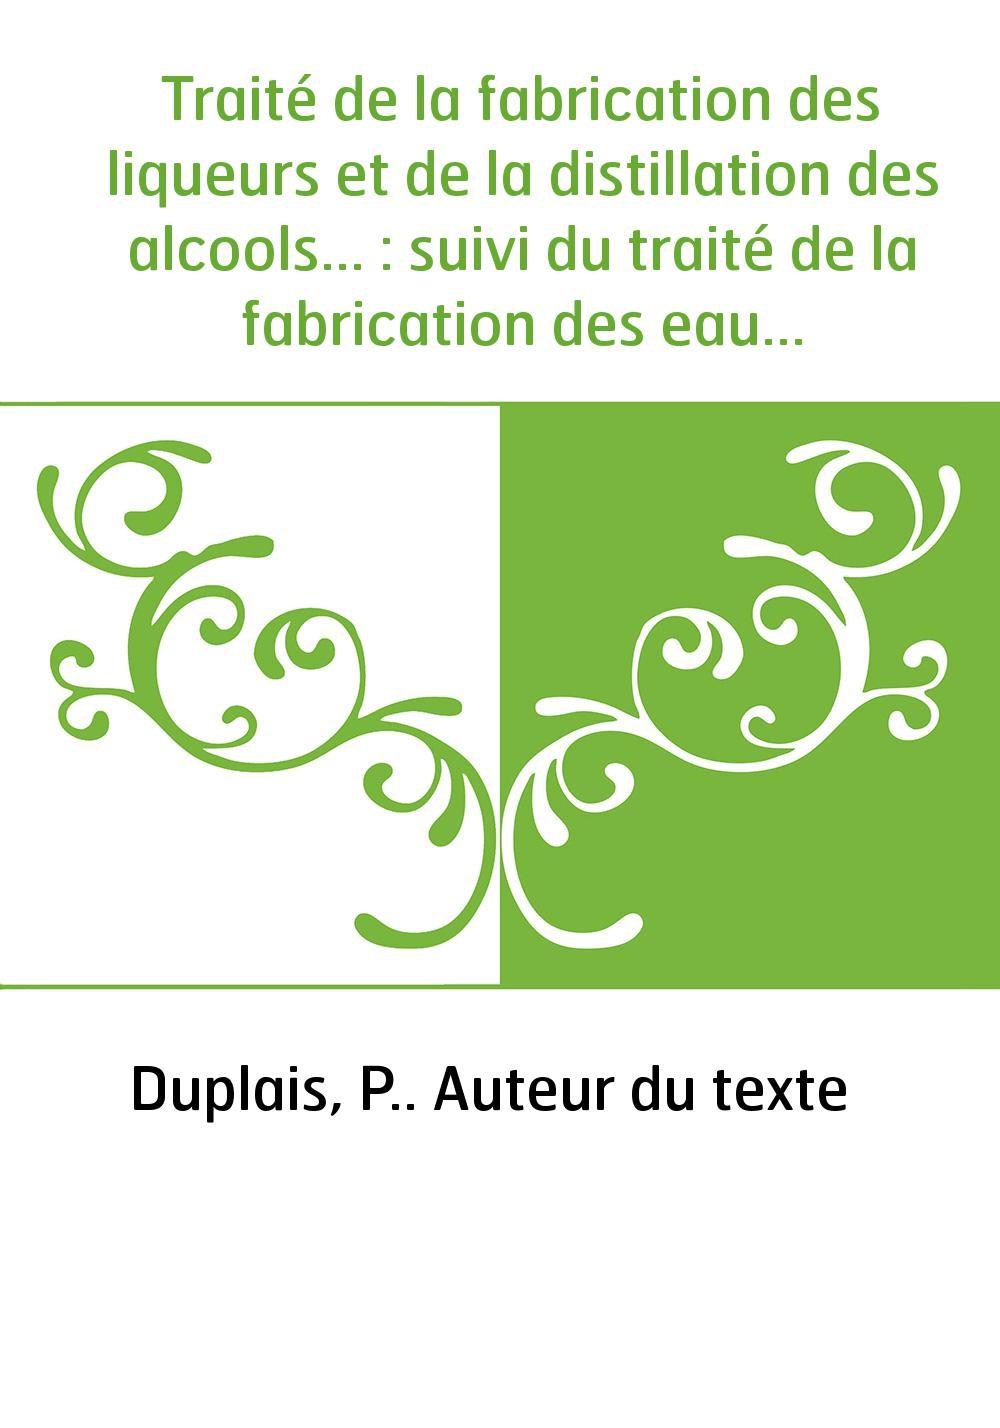 Traité de la fabrication des liqueurs et de la distillation des alcools... : suivi du traité de la fabrication des eaux et boiss